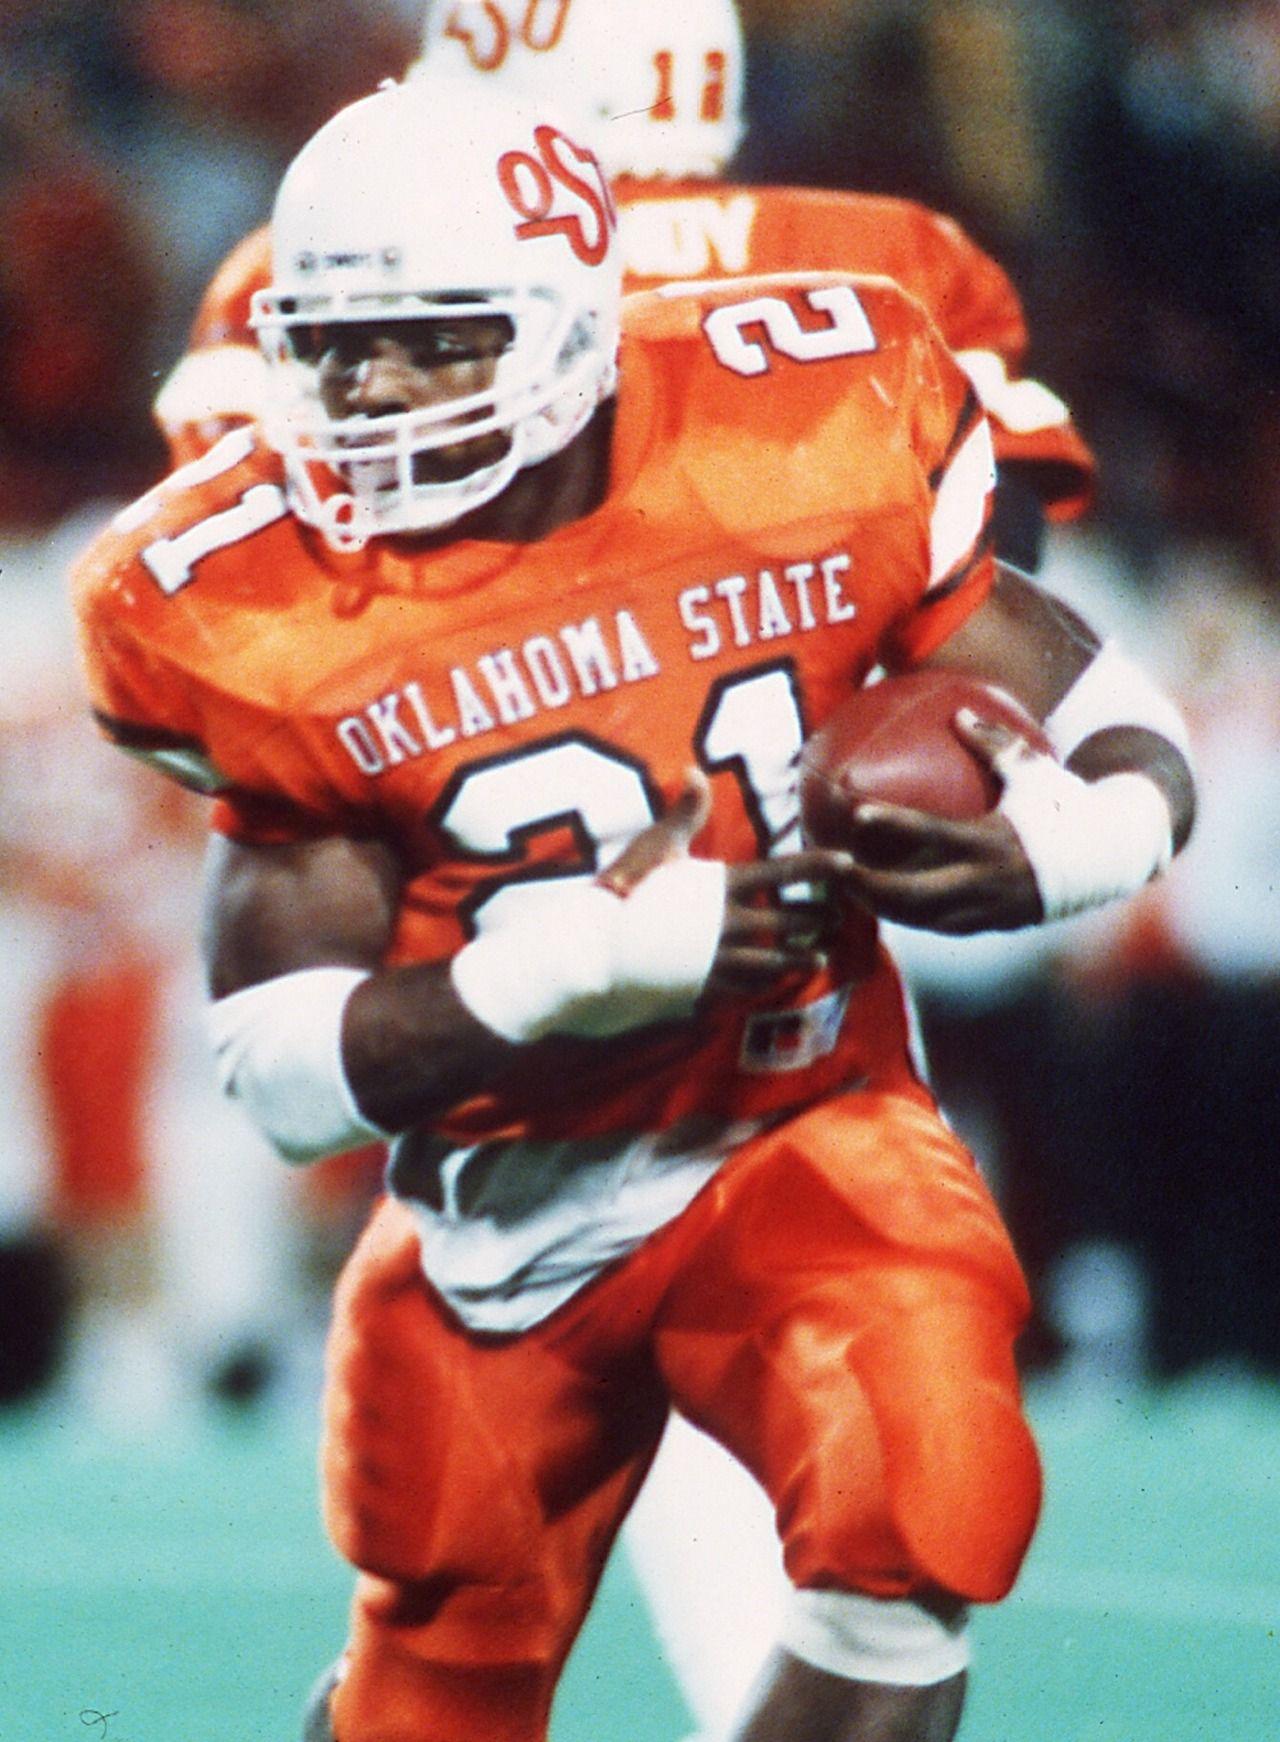 Barry Sanders Oklahoma State Football Ncaa College Football College Football Players